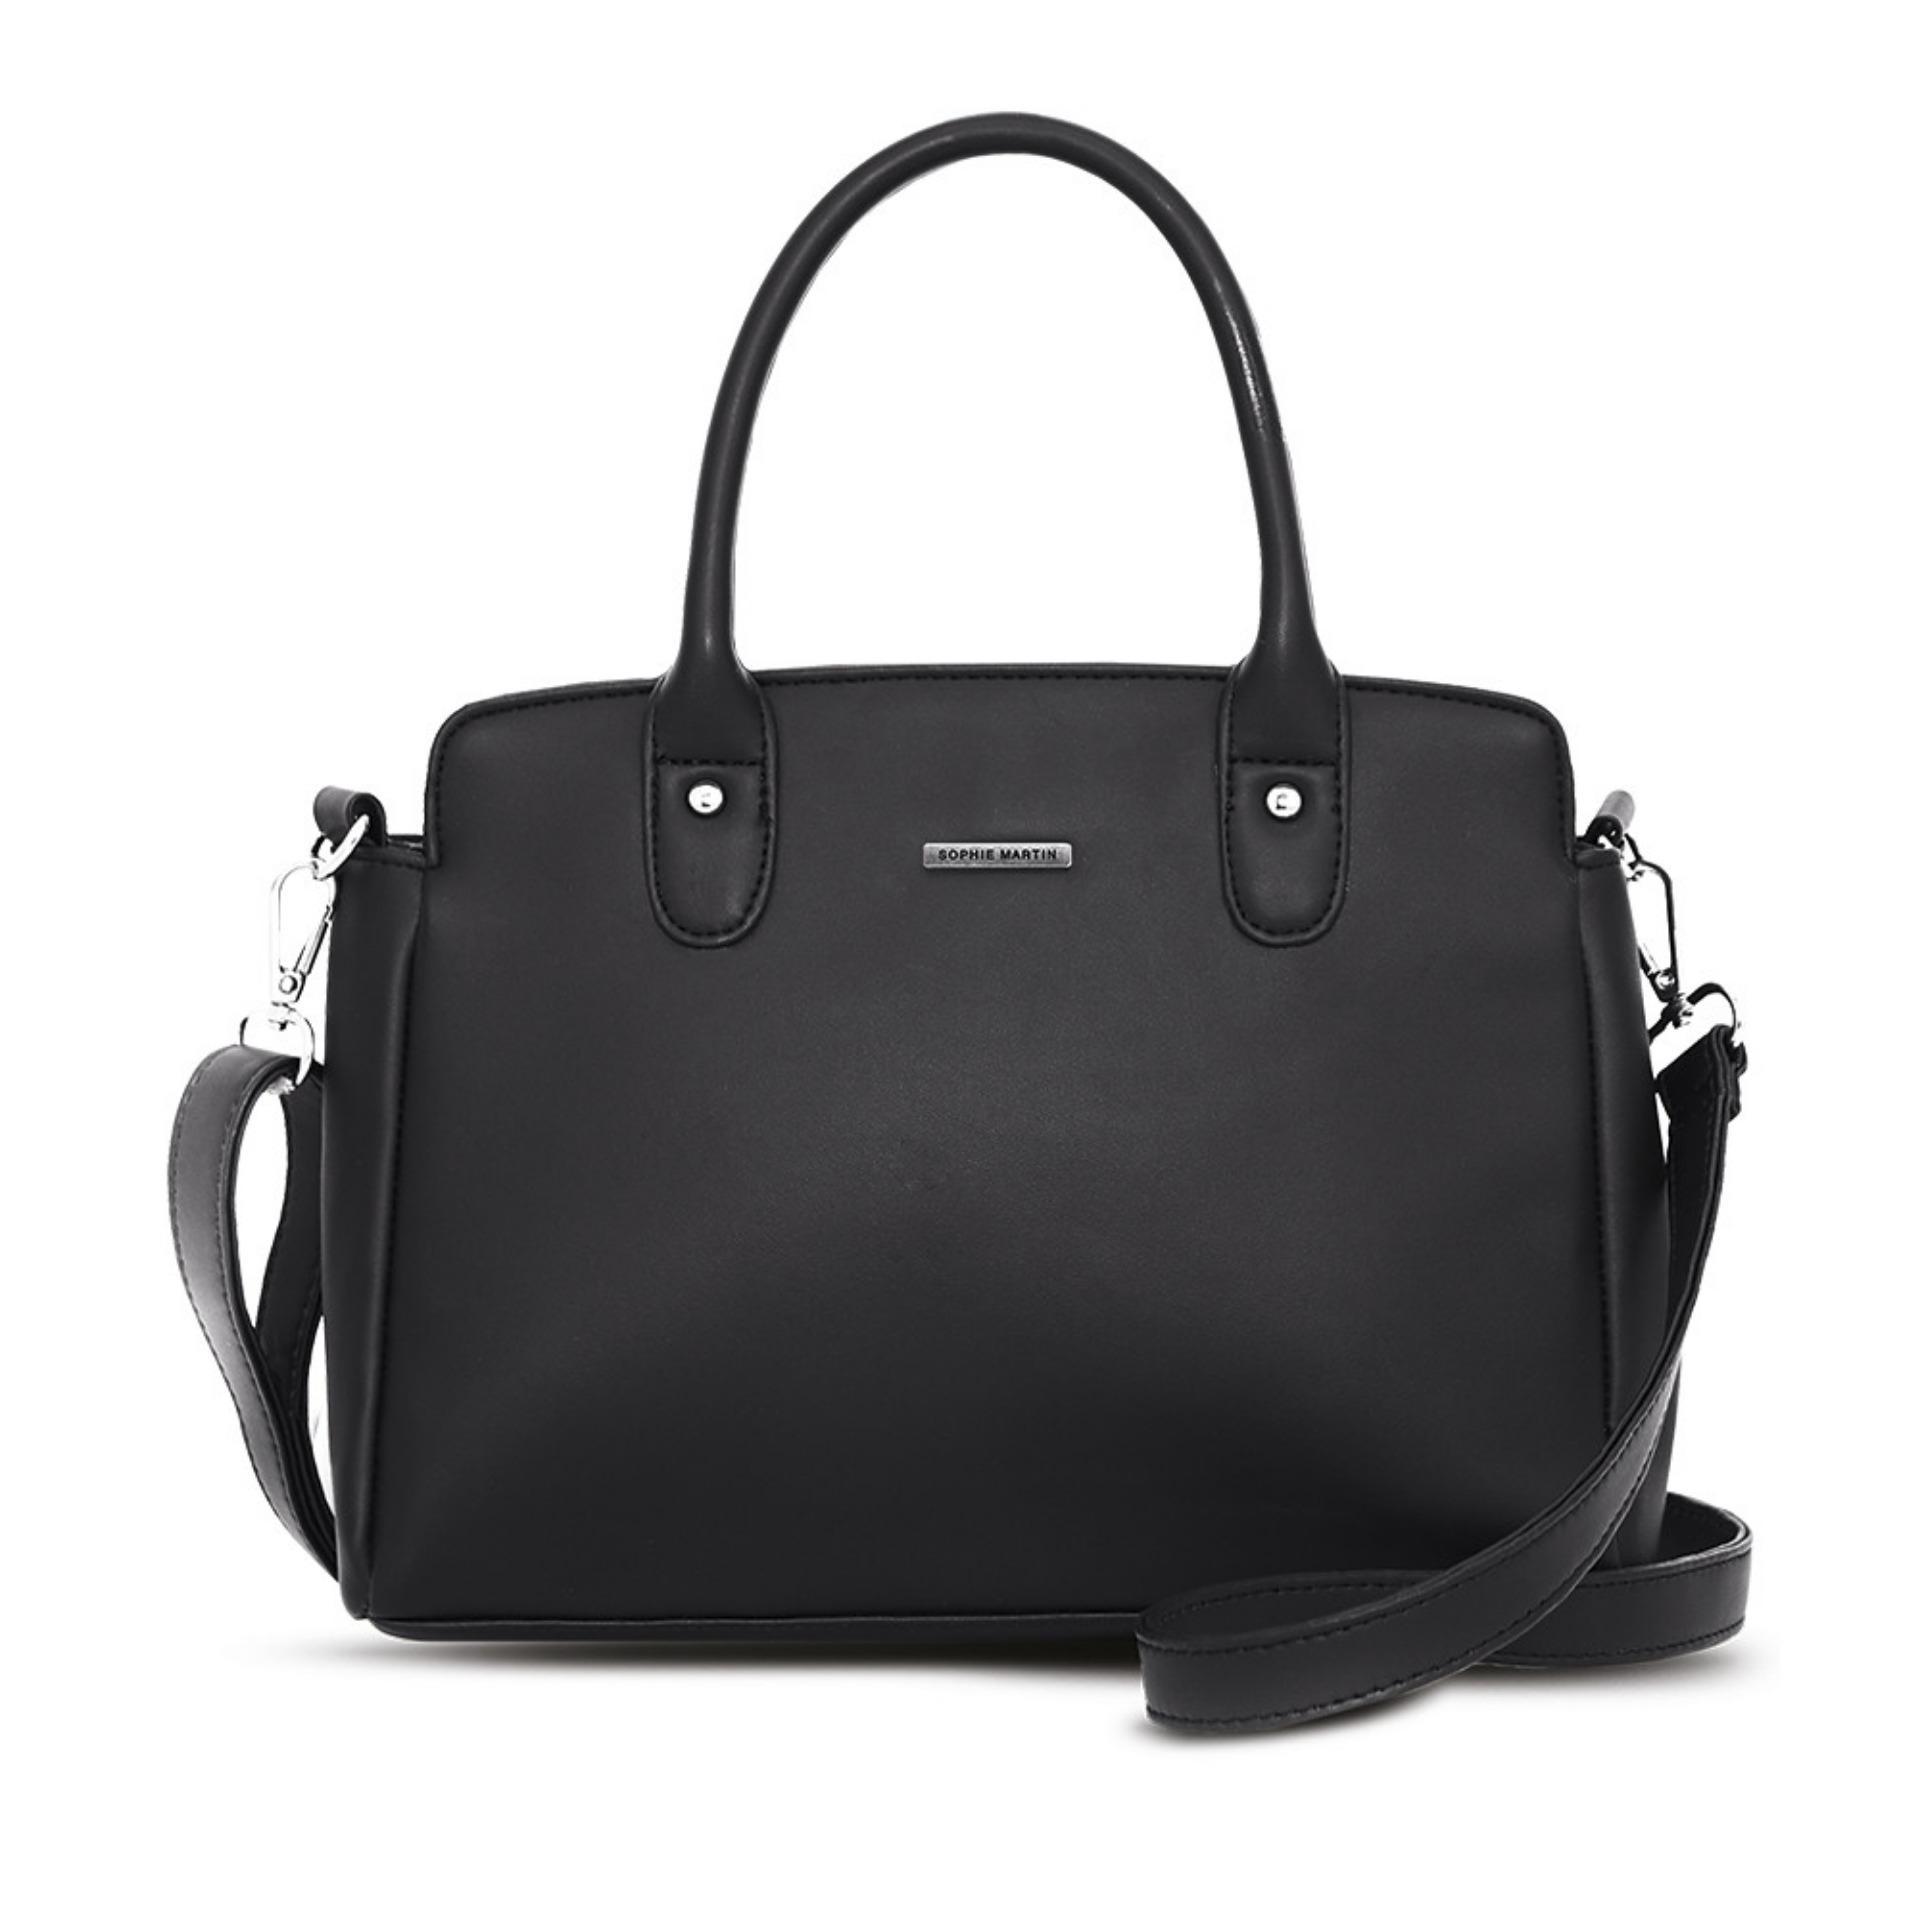 Sophie Paris Tas Selempang Wanita Import Branded Calydta Bag T4319B5 - Hitam d789369373